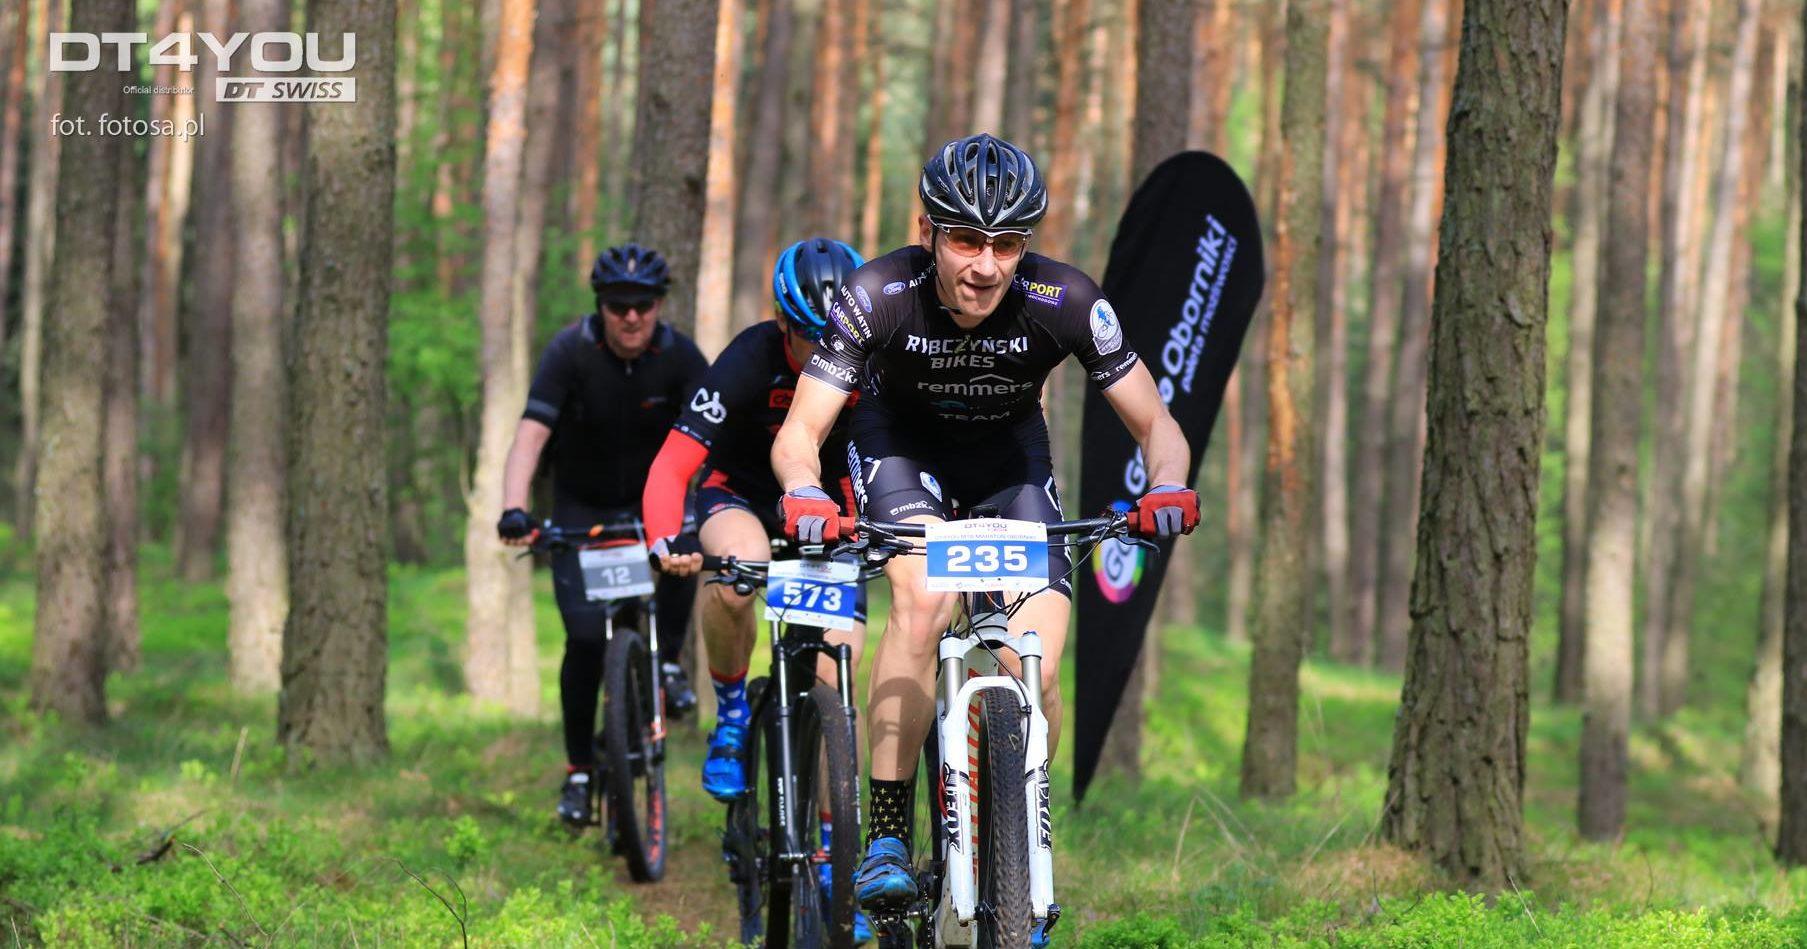 Michał Górniak (Rybczyński Bikes Remmers TP-Link) – DT4YOU MTB Maraton, Oborniki / Solid MTB, Śrem / Zachodnia Liga MTB, Połczyn Zdrój